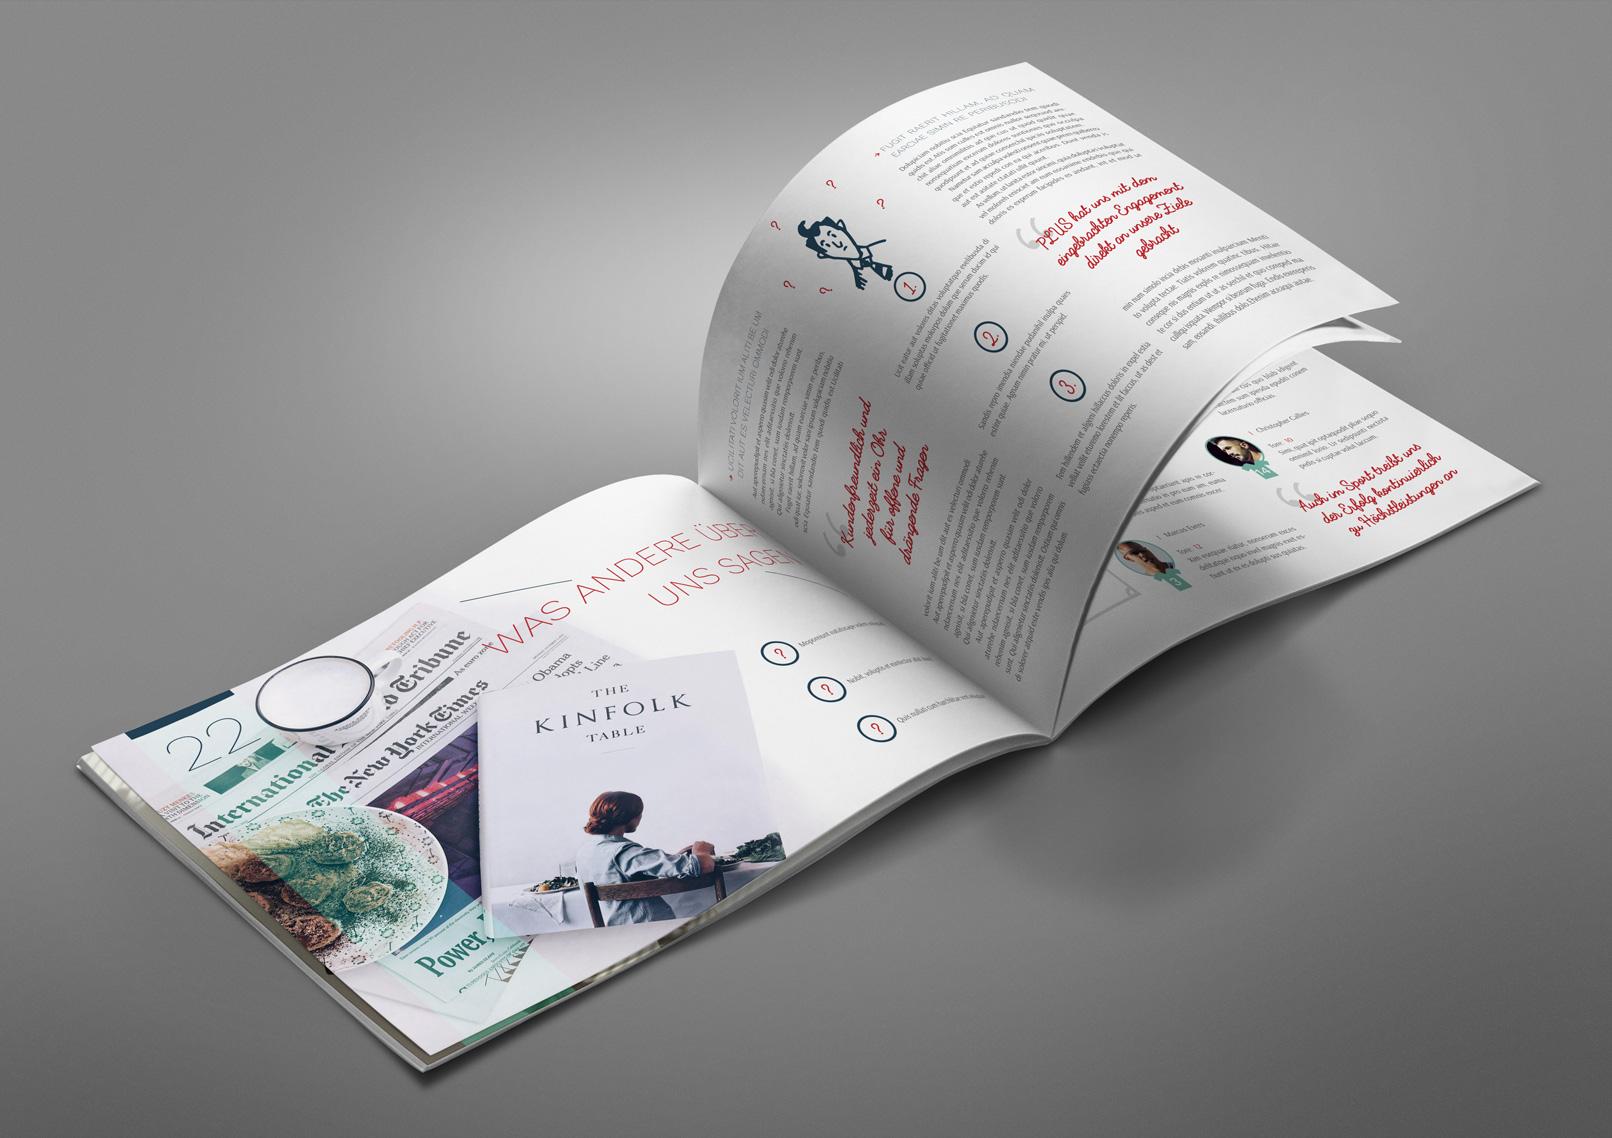 Mockup für ein Magazin